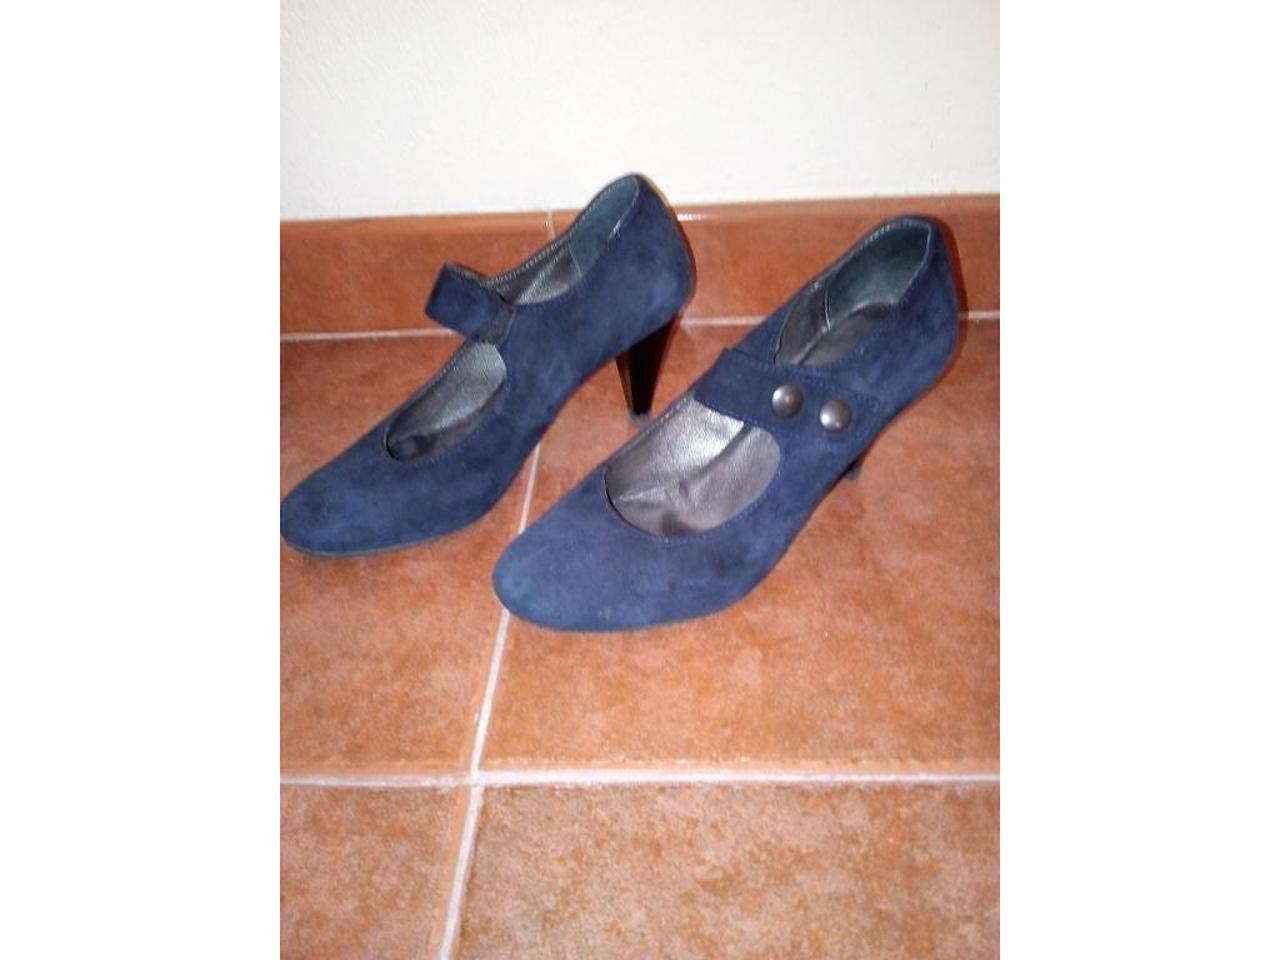 Sapatos de camurça azul escuro, nº39 - 1/5